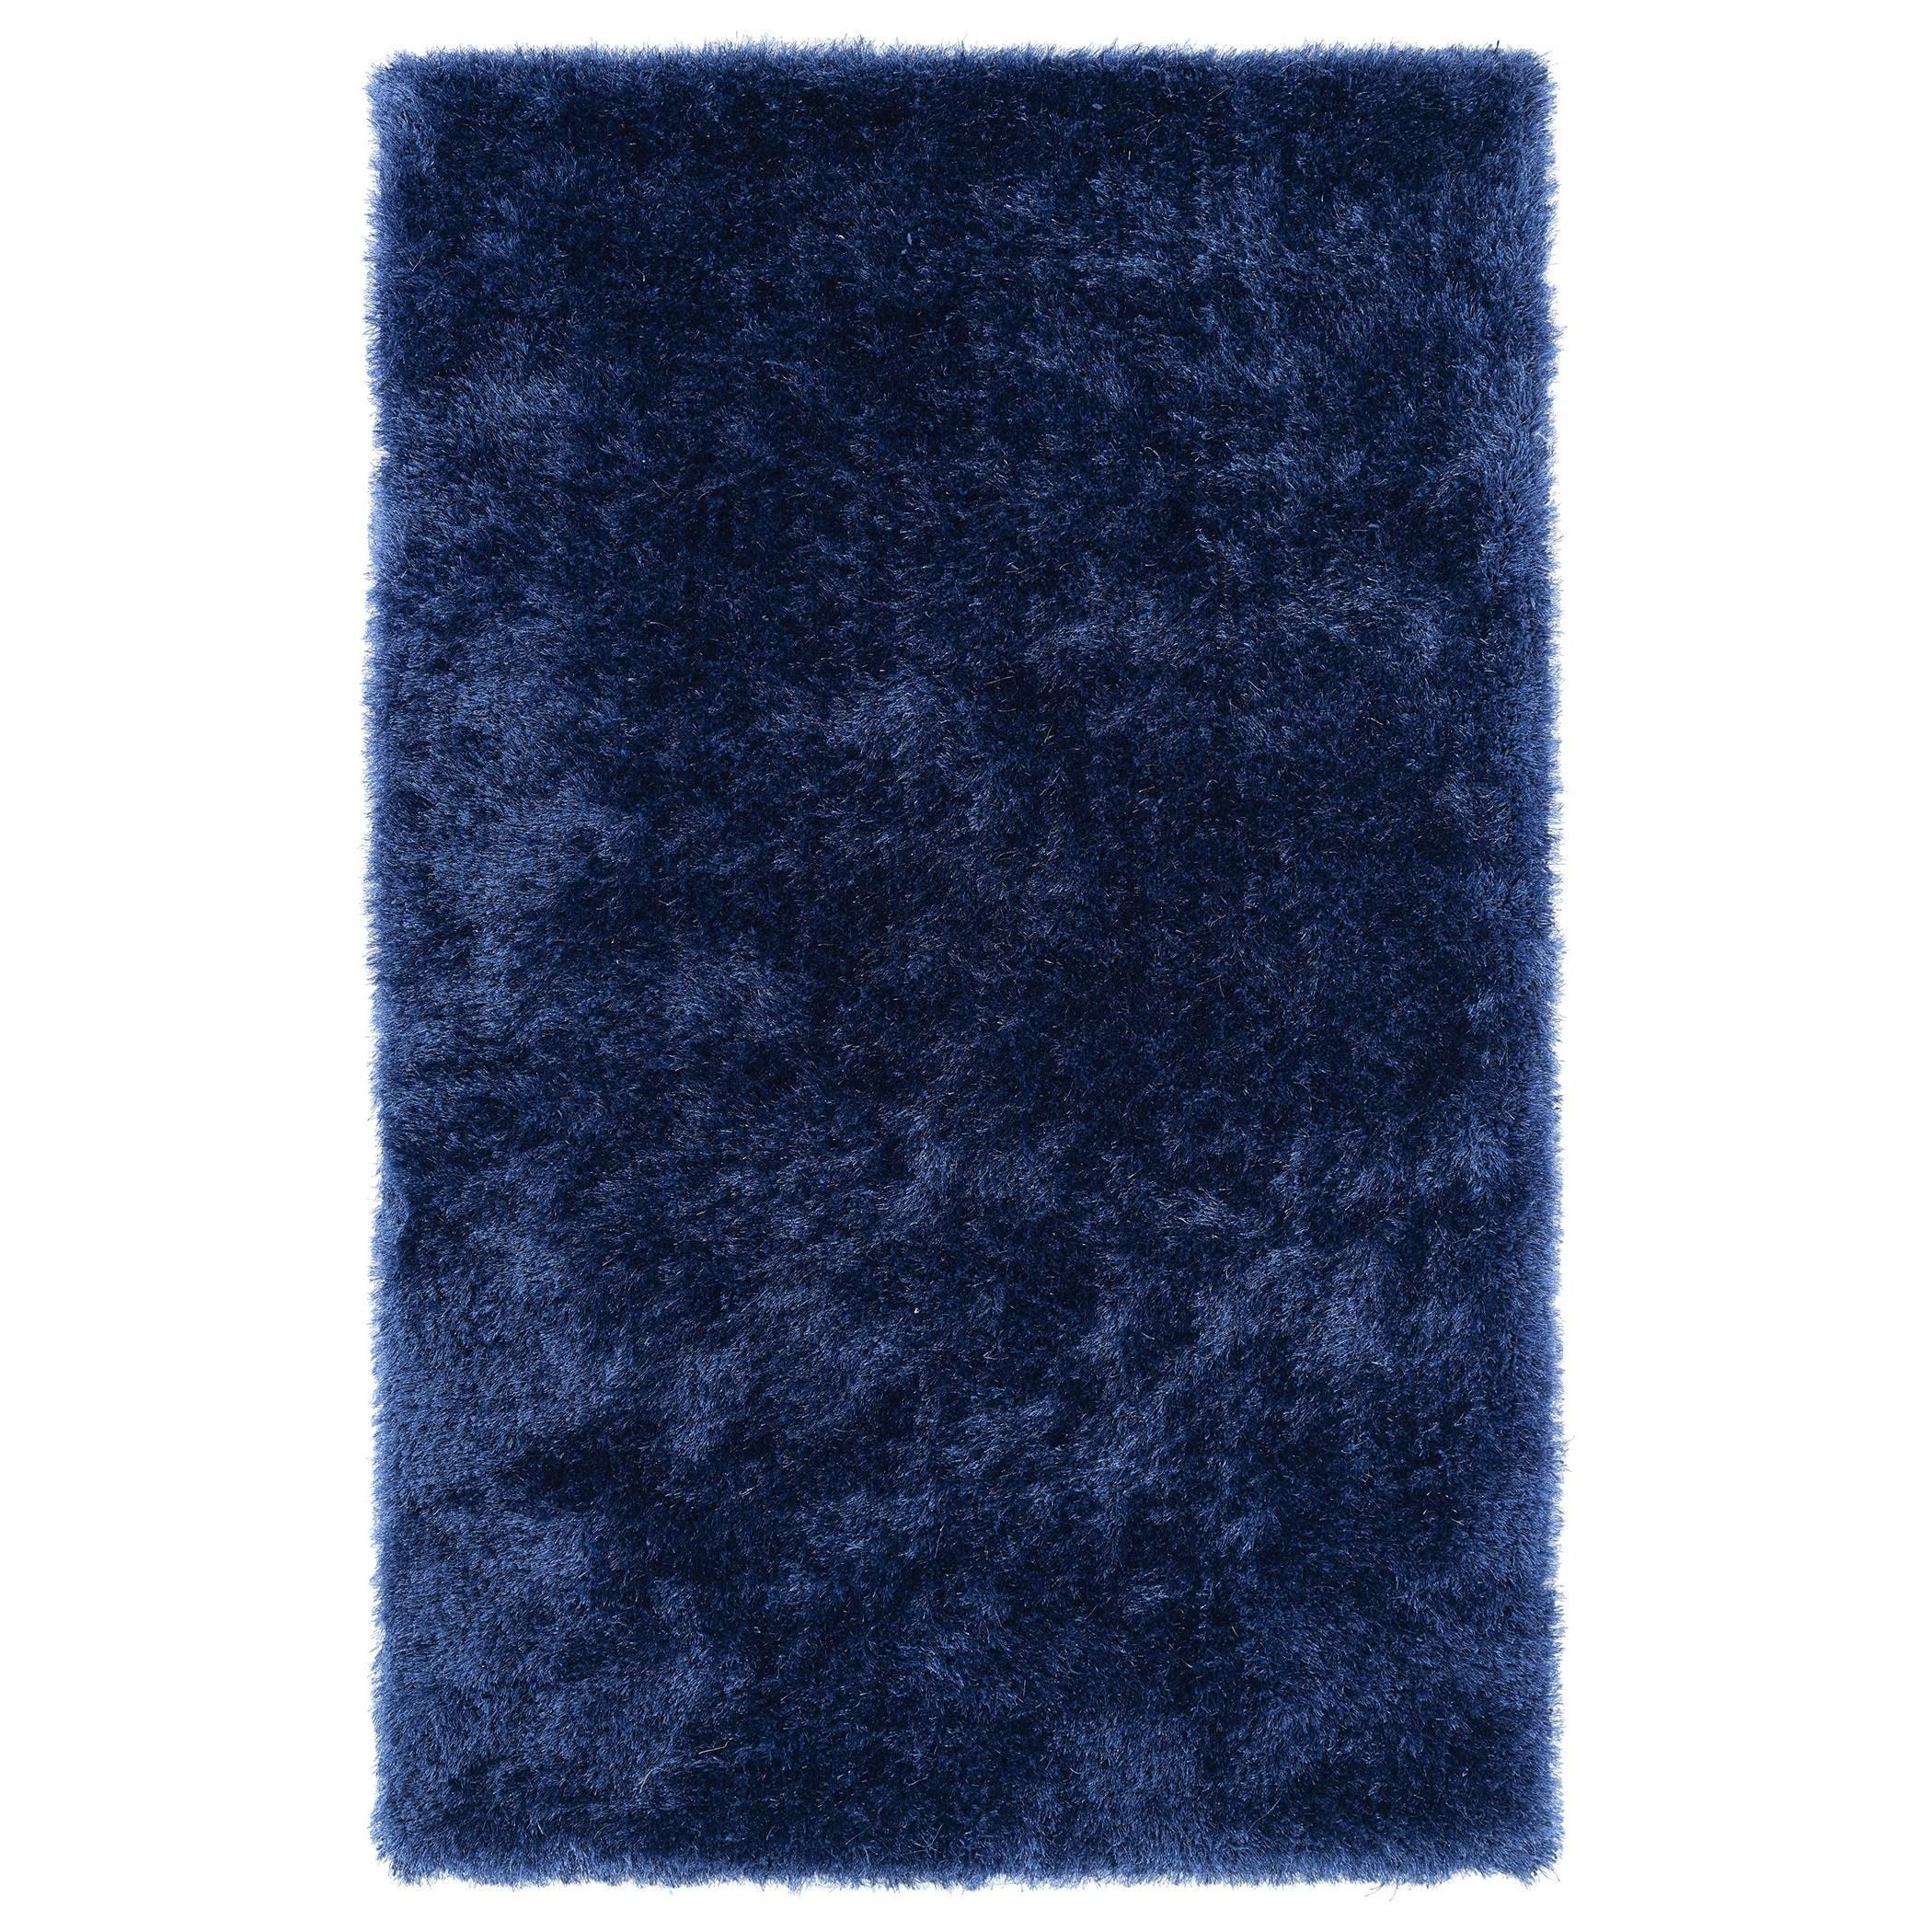 Hand-Tufted Silky Shag Denim Rug (5 x 7) - 5 x 7 (Denim - 5 x 7)